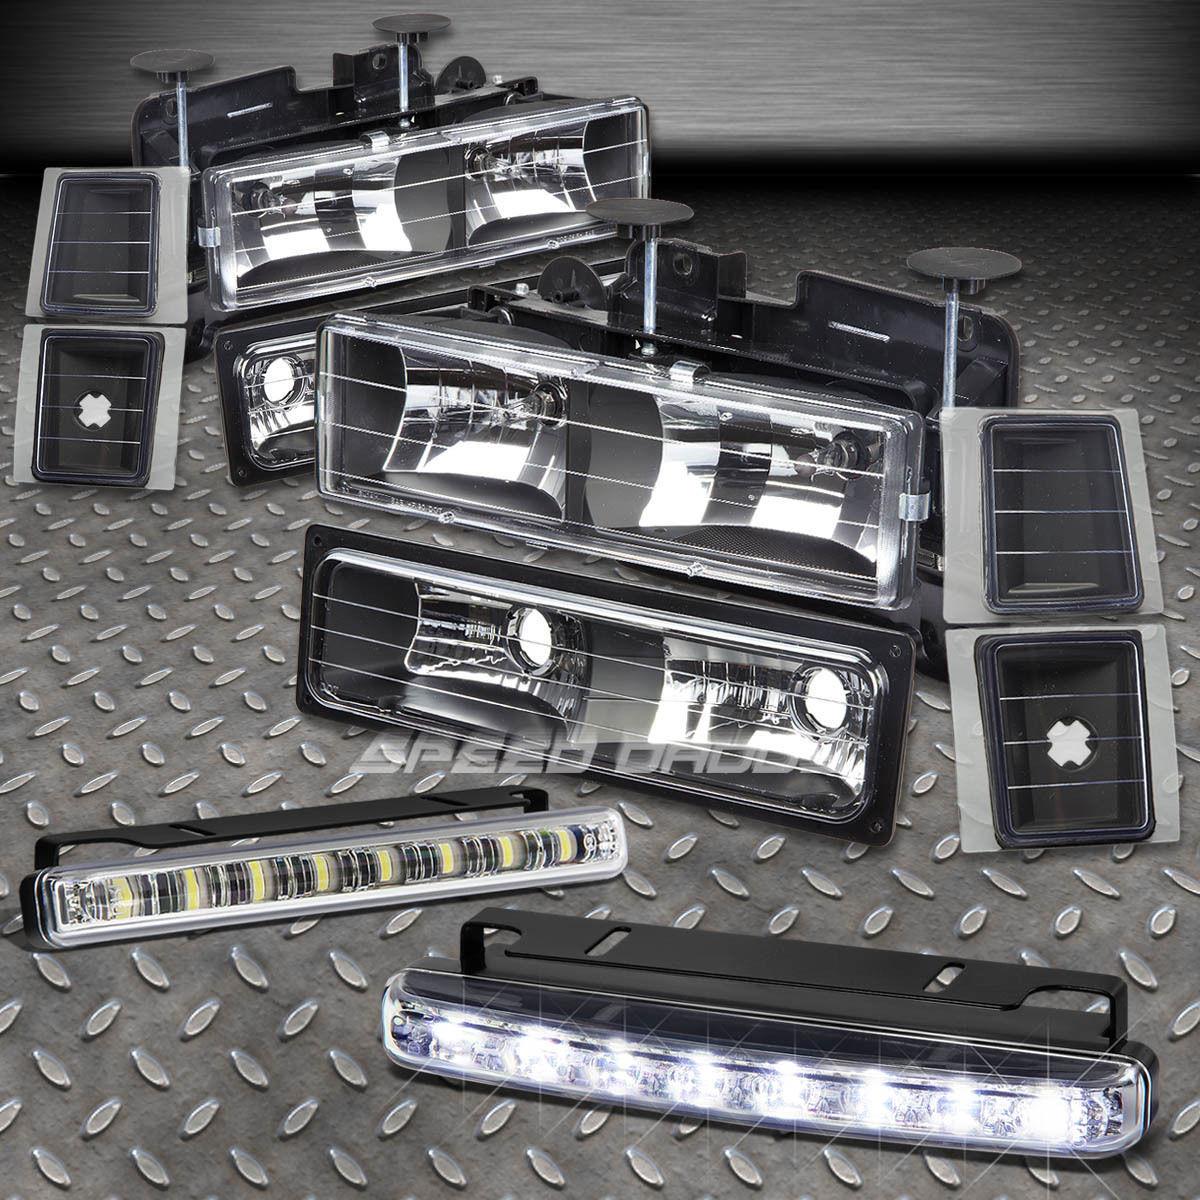 フォグライト BUMPER+CORNER LIGHT+BLACK HOUSING HEADLIGHTS LED FOG LAMP FITS 94-98 CHEVY C/K バンパー+コーナーライト+ブラックハウスヘッドライトLED FOG LAMP FITS 94-98 CHEVY C / K